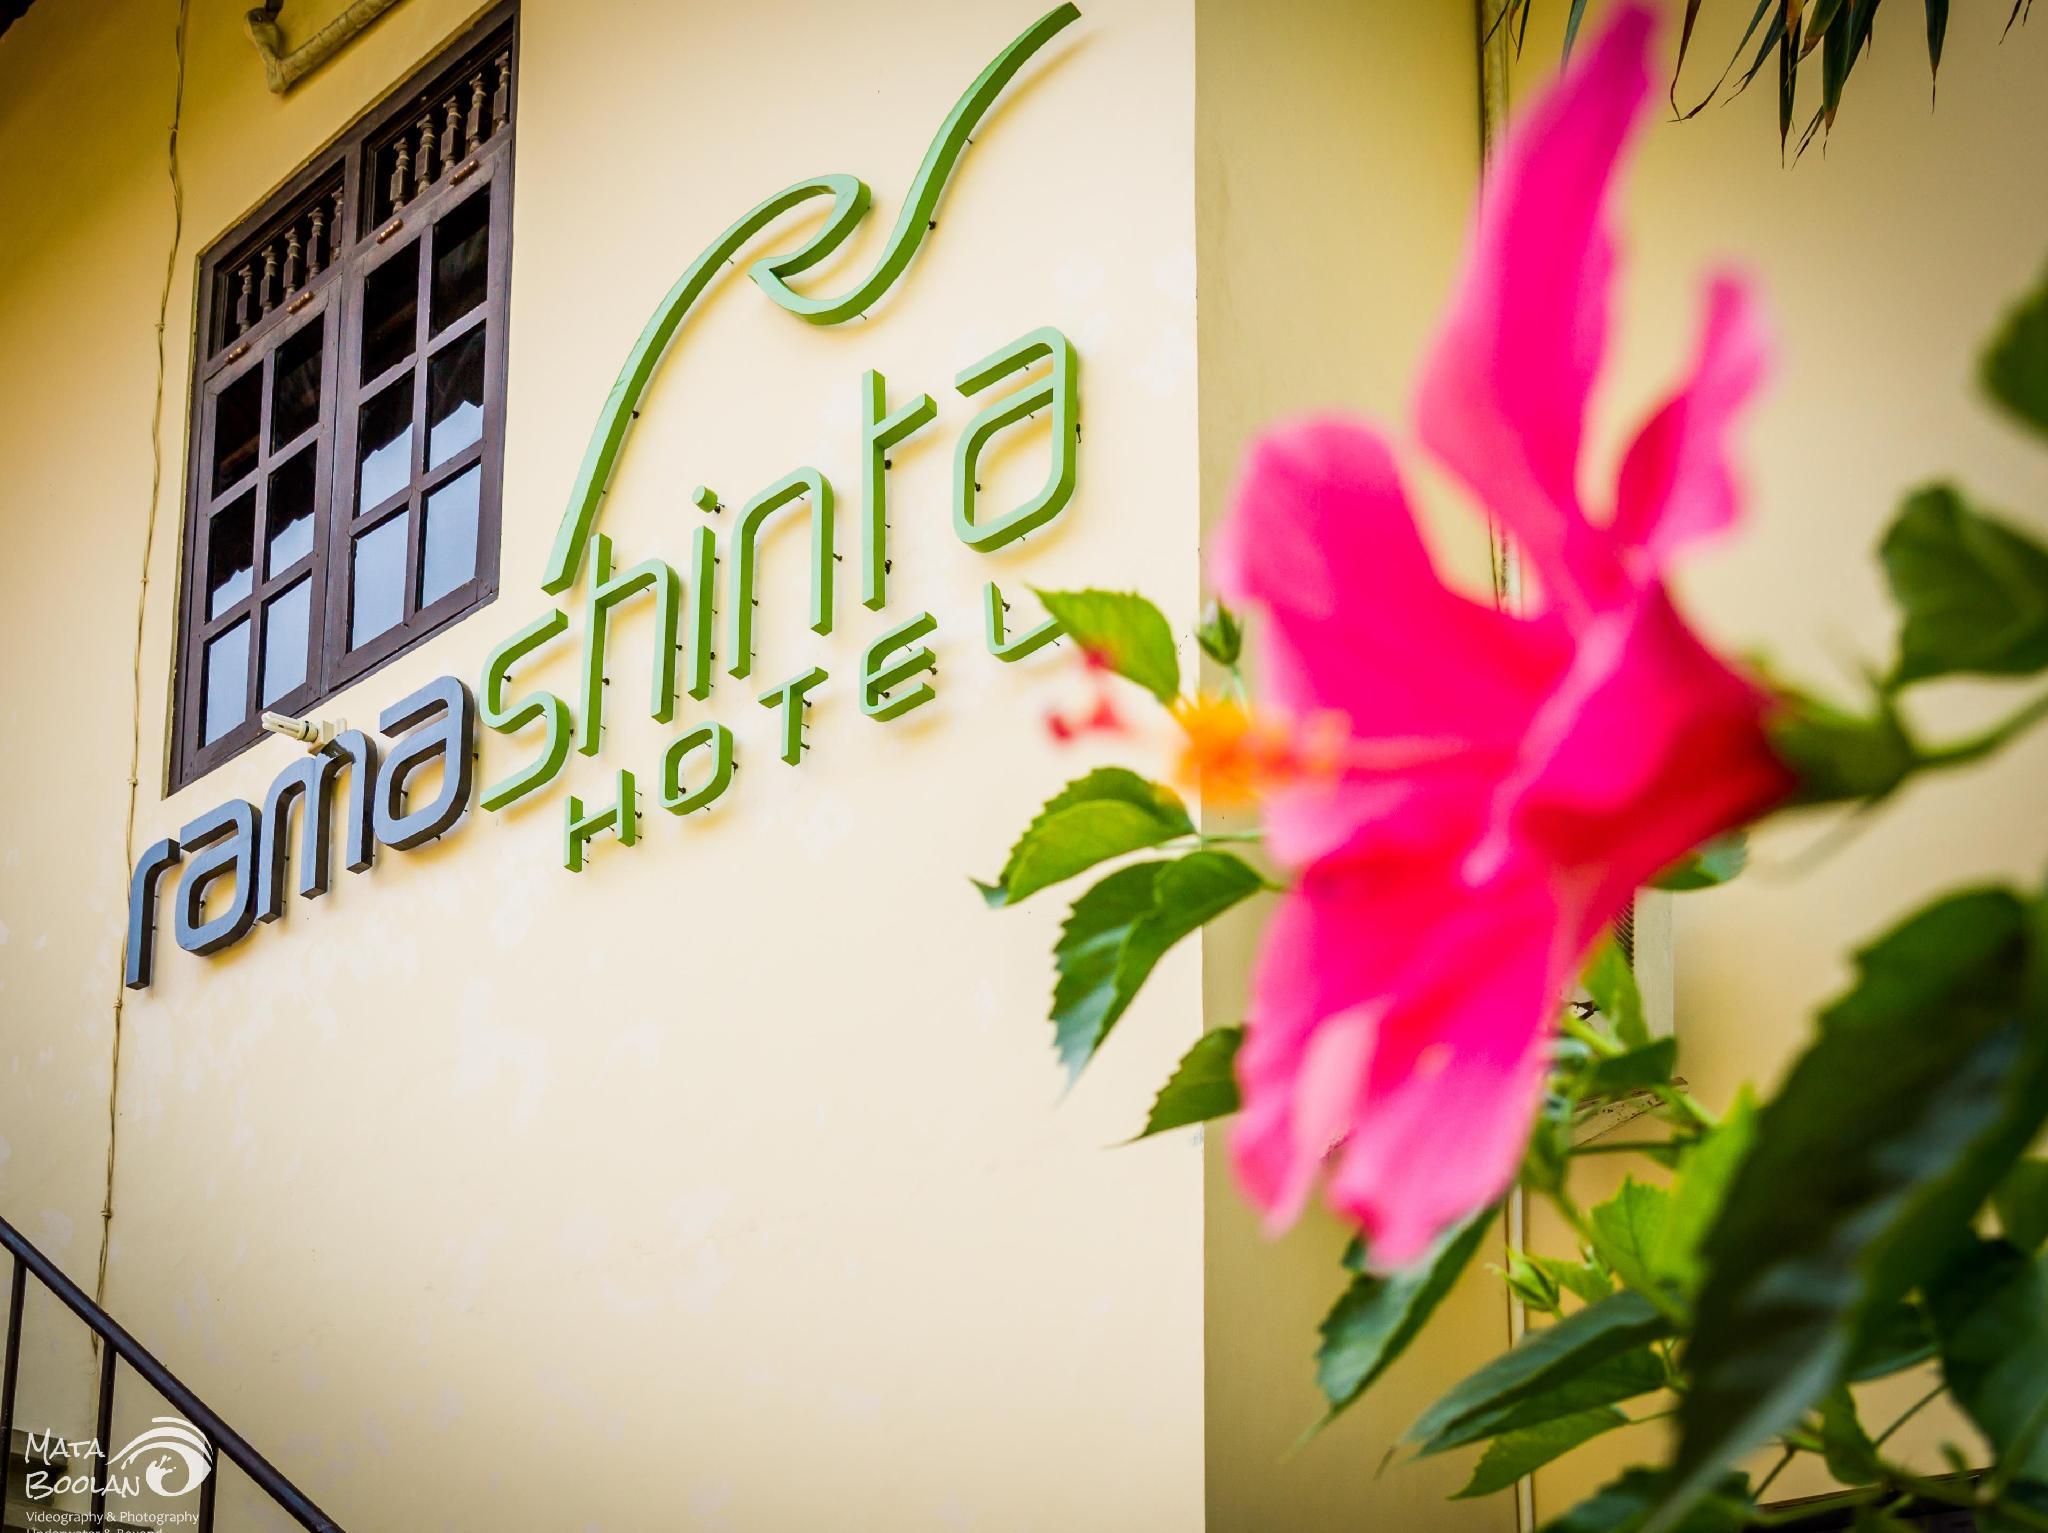 甘地達薩拉瑪辛塔酒店 峇里